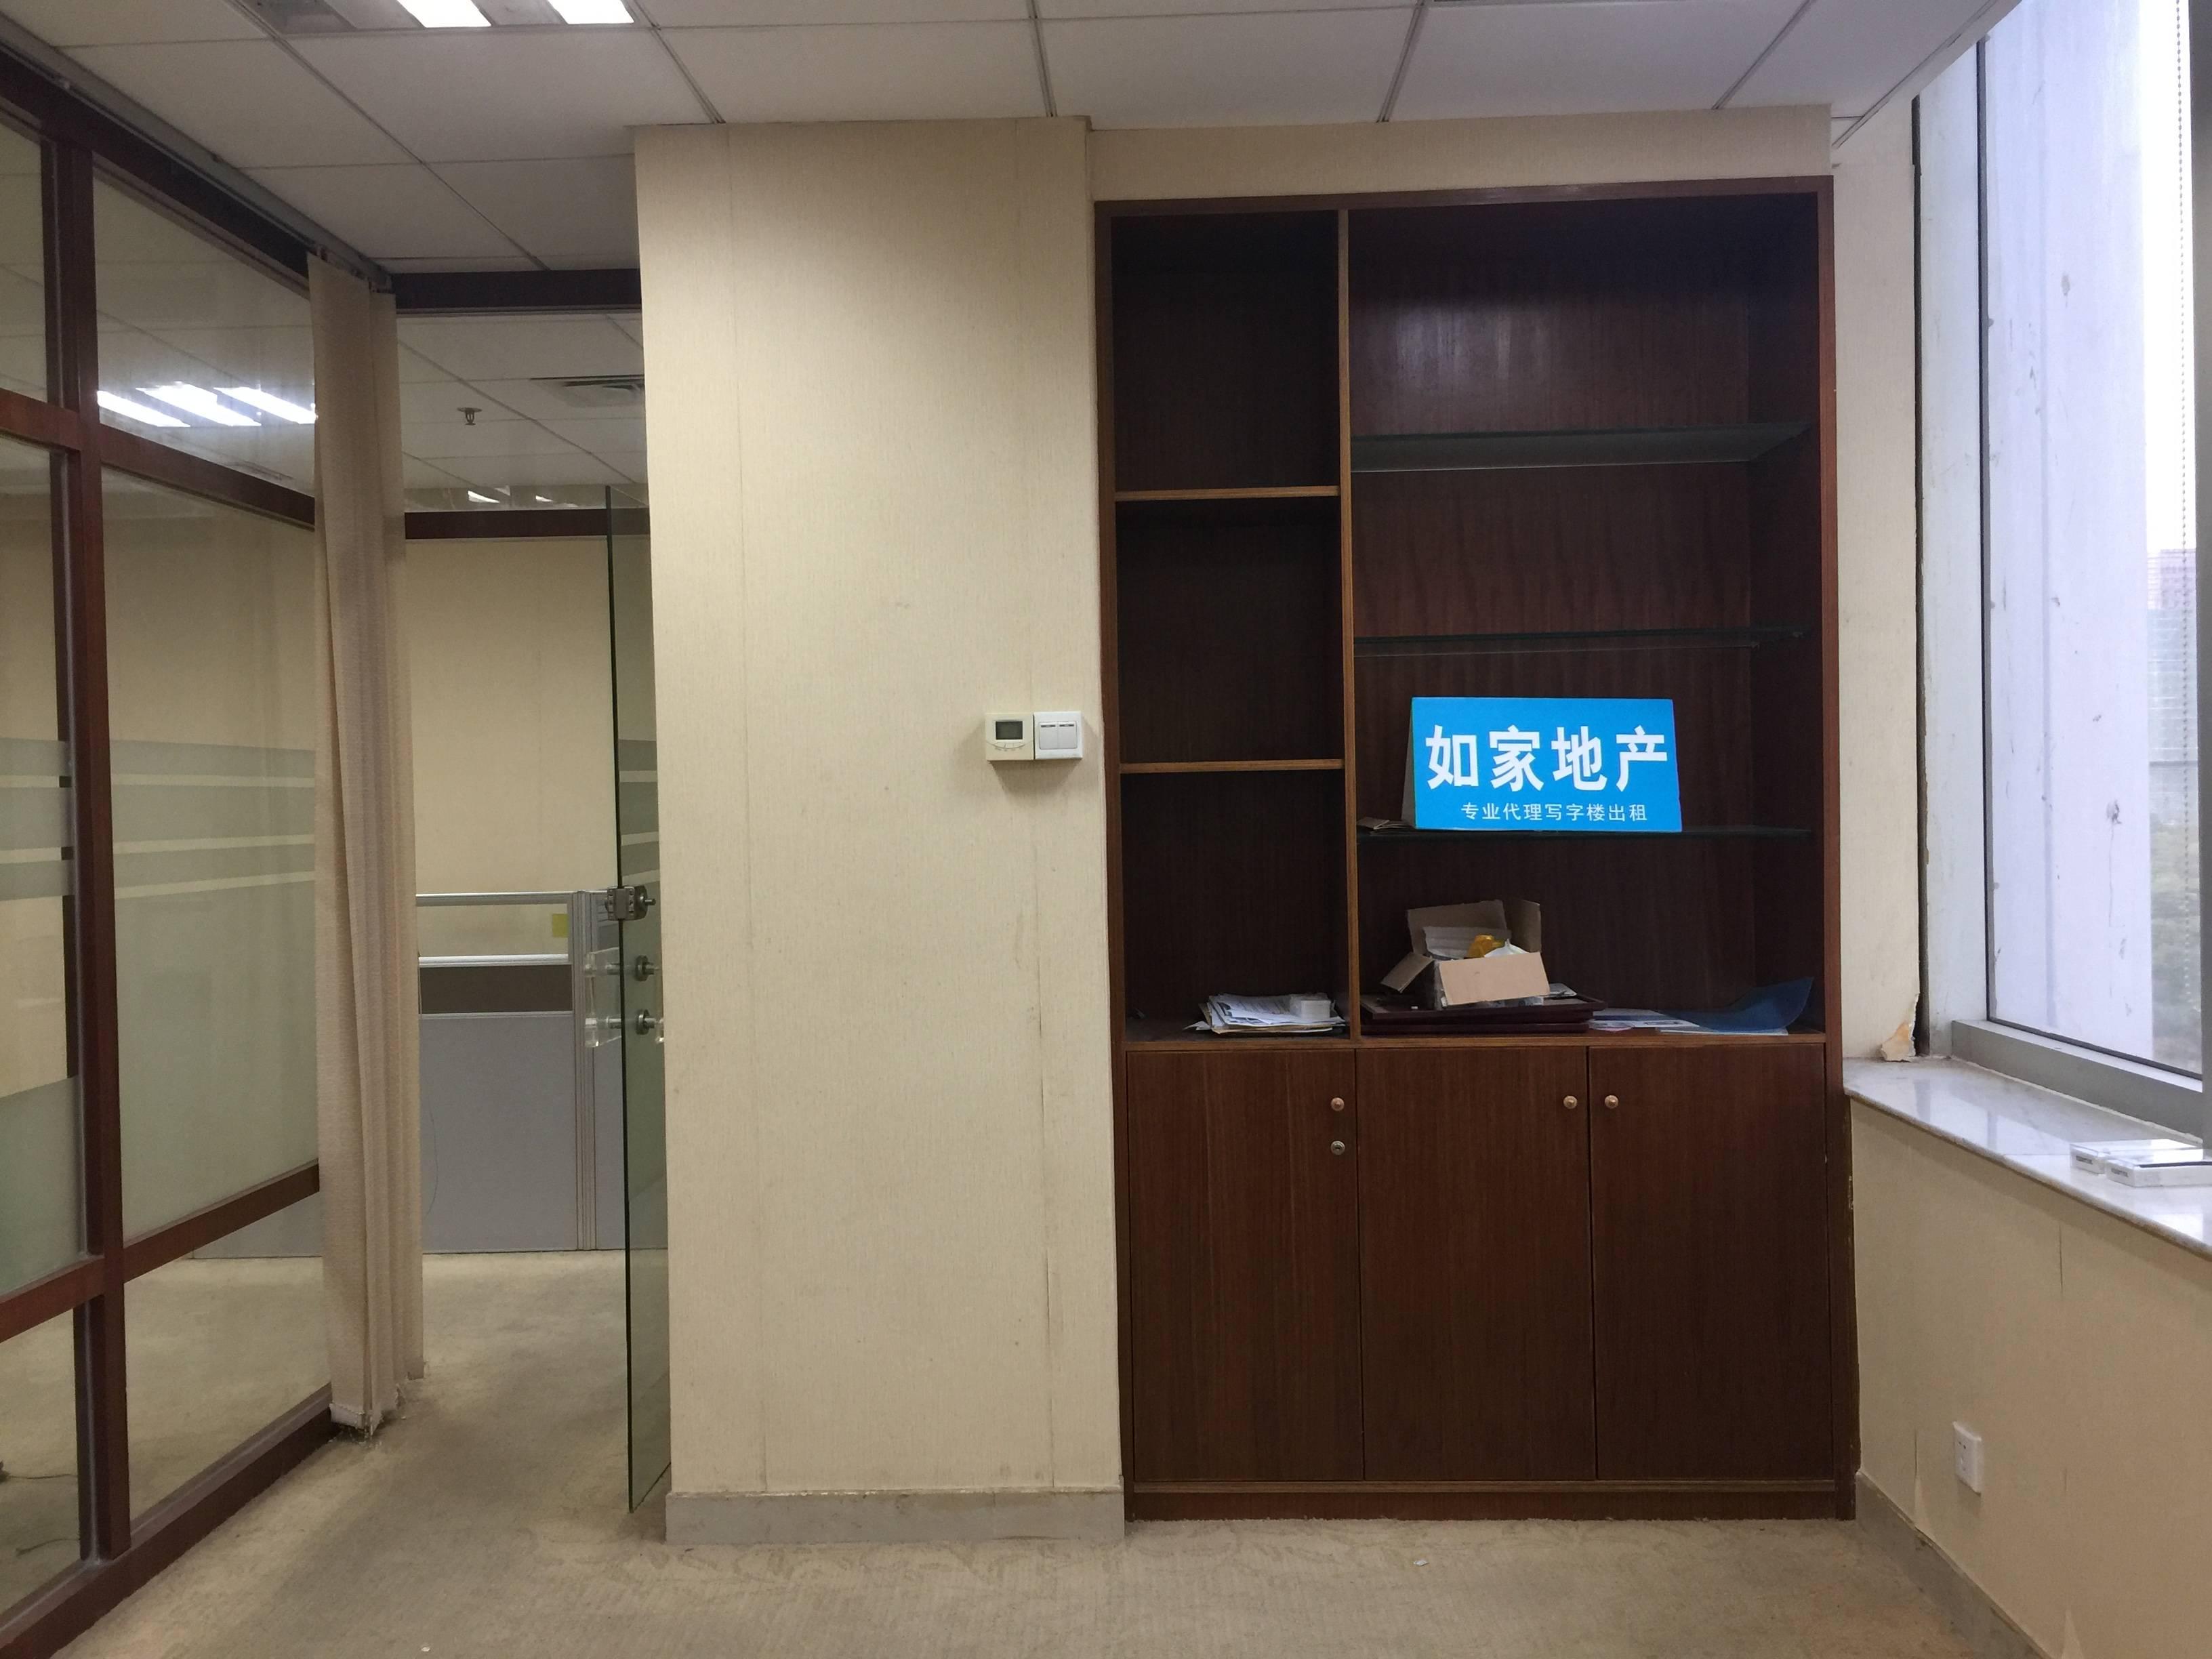 江北小户型出售 单价仅1万出头 回报率高 出租率高 月租高达5800 月